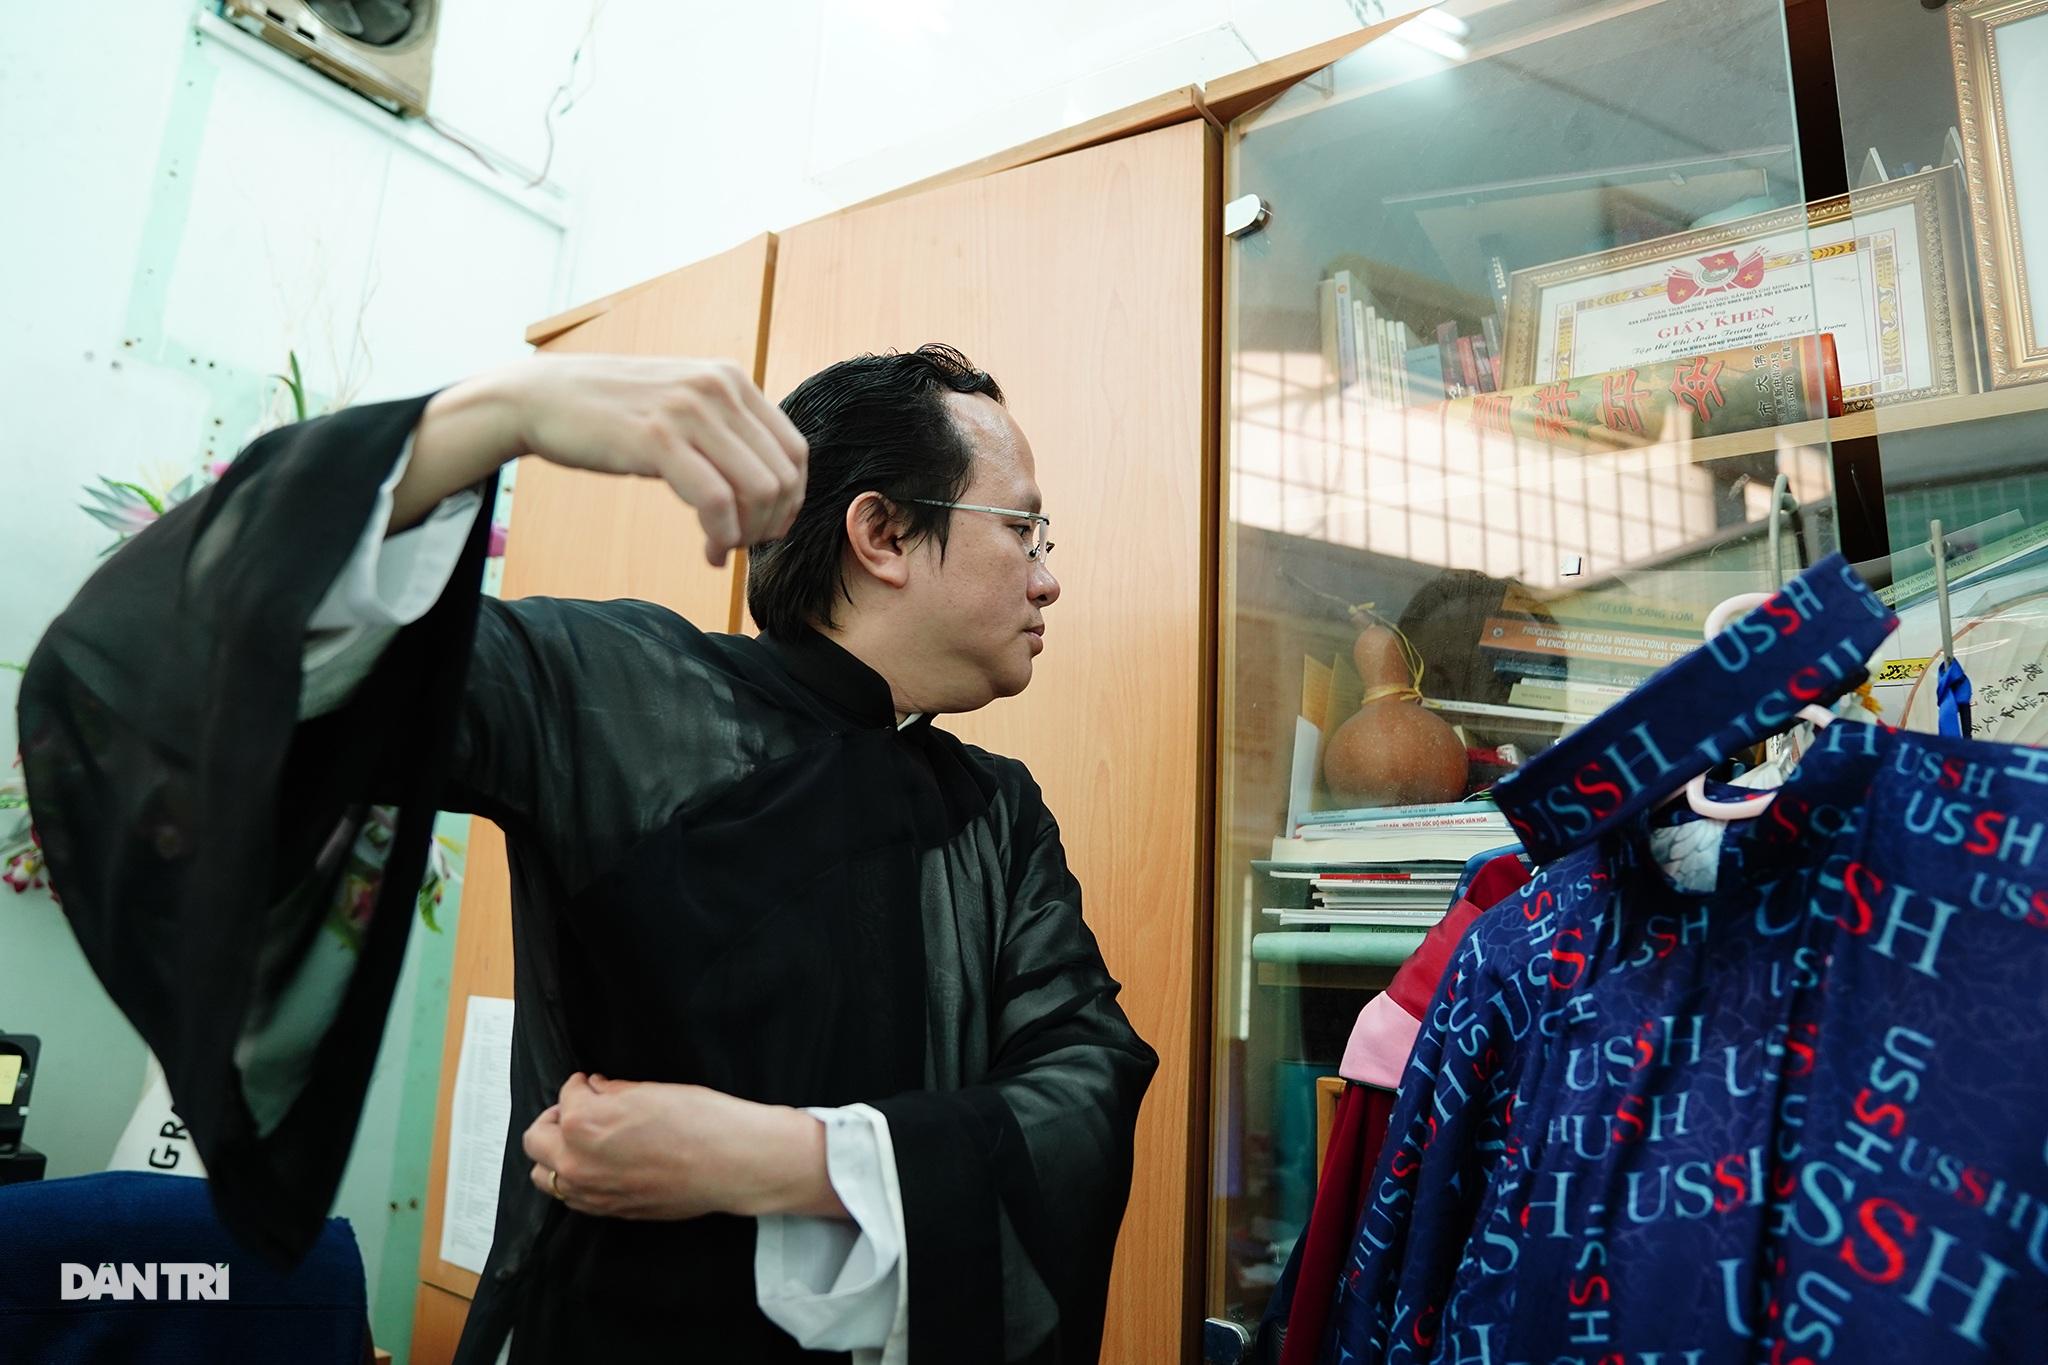 Thầy giáo gần 10 năm mặc áo dài, đi guốc mộc đến giảng đường - 5